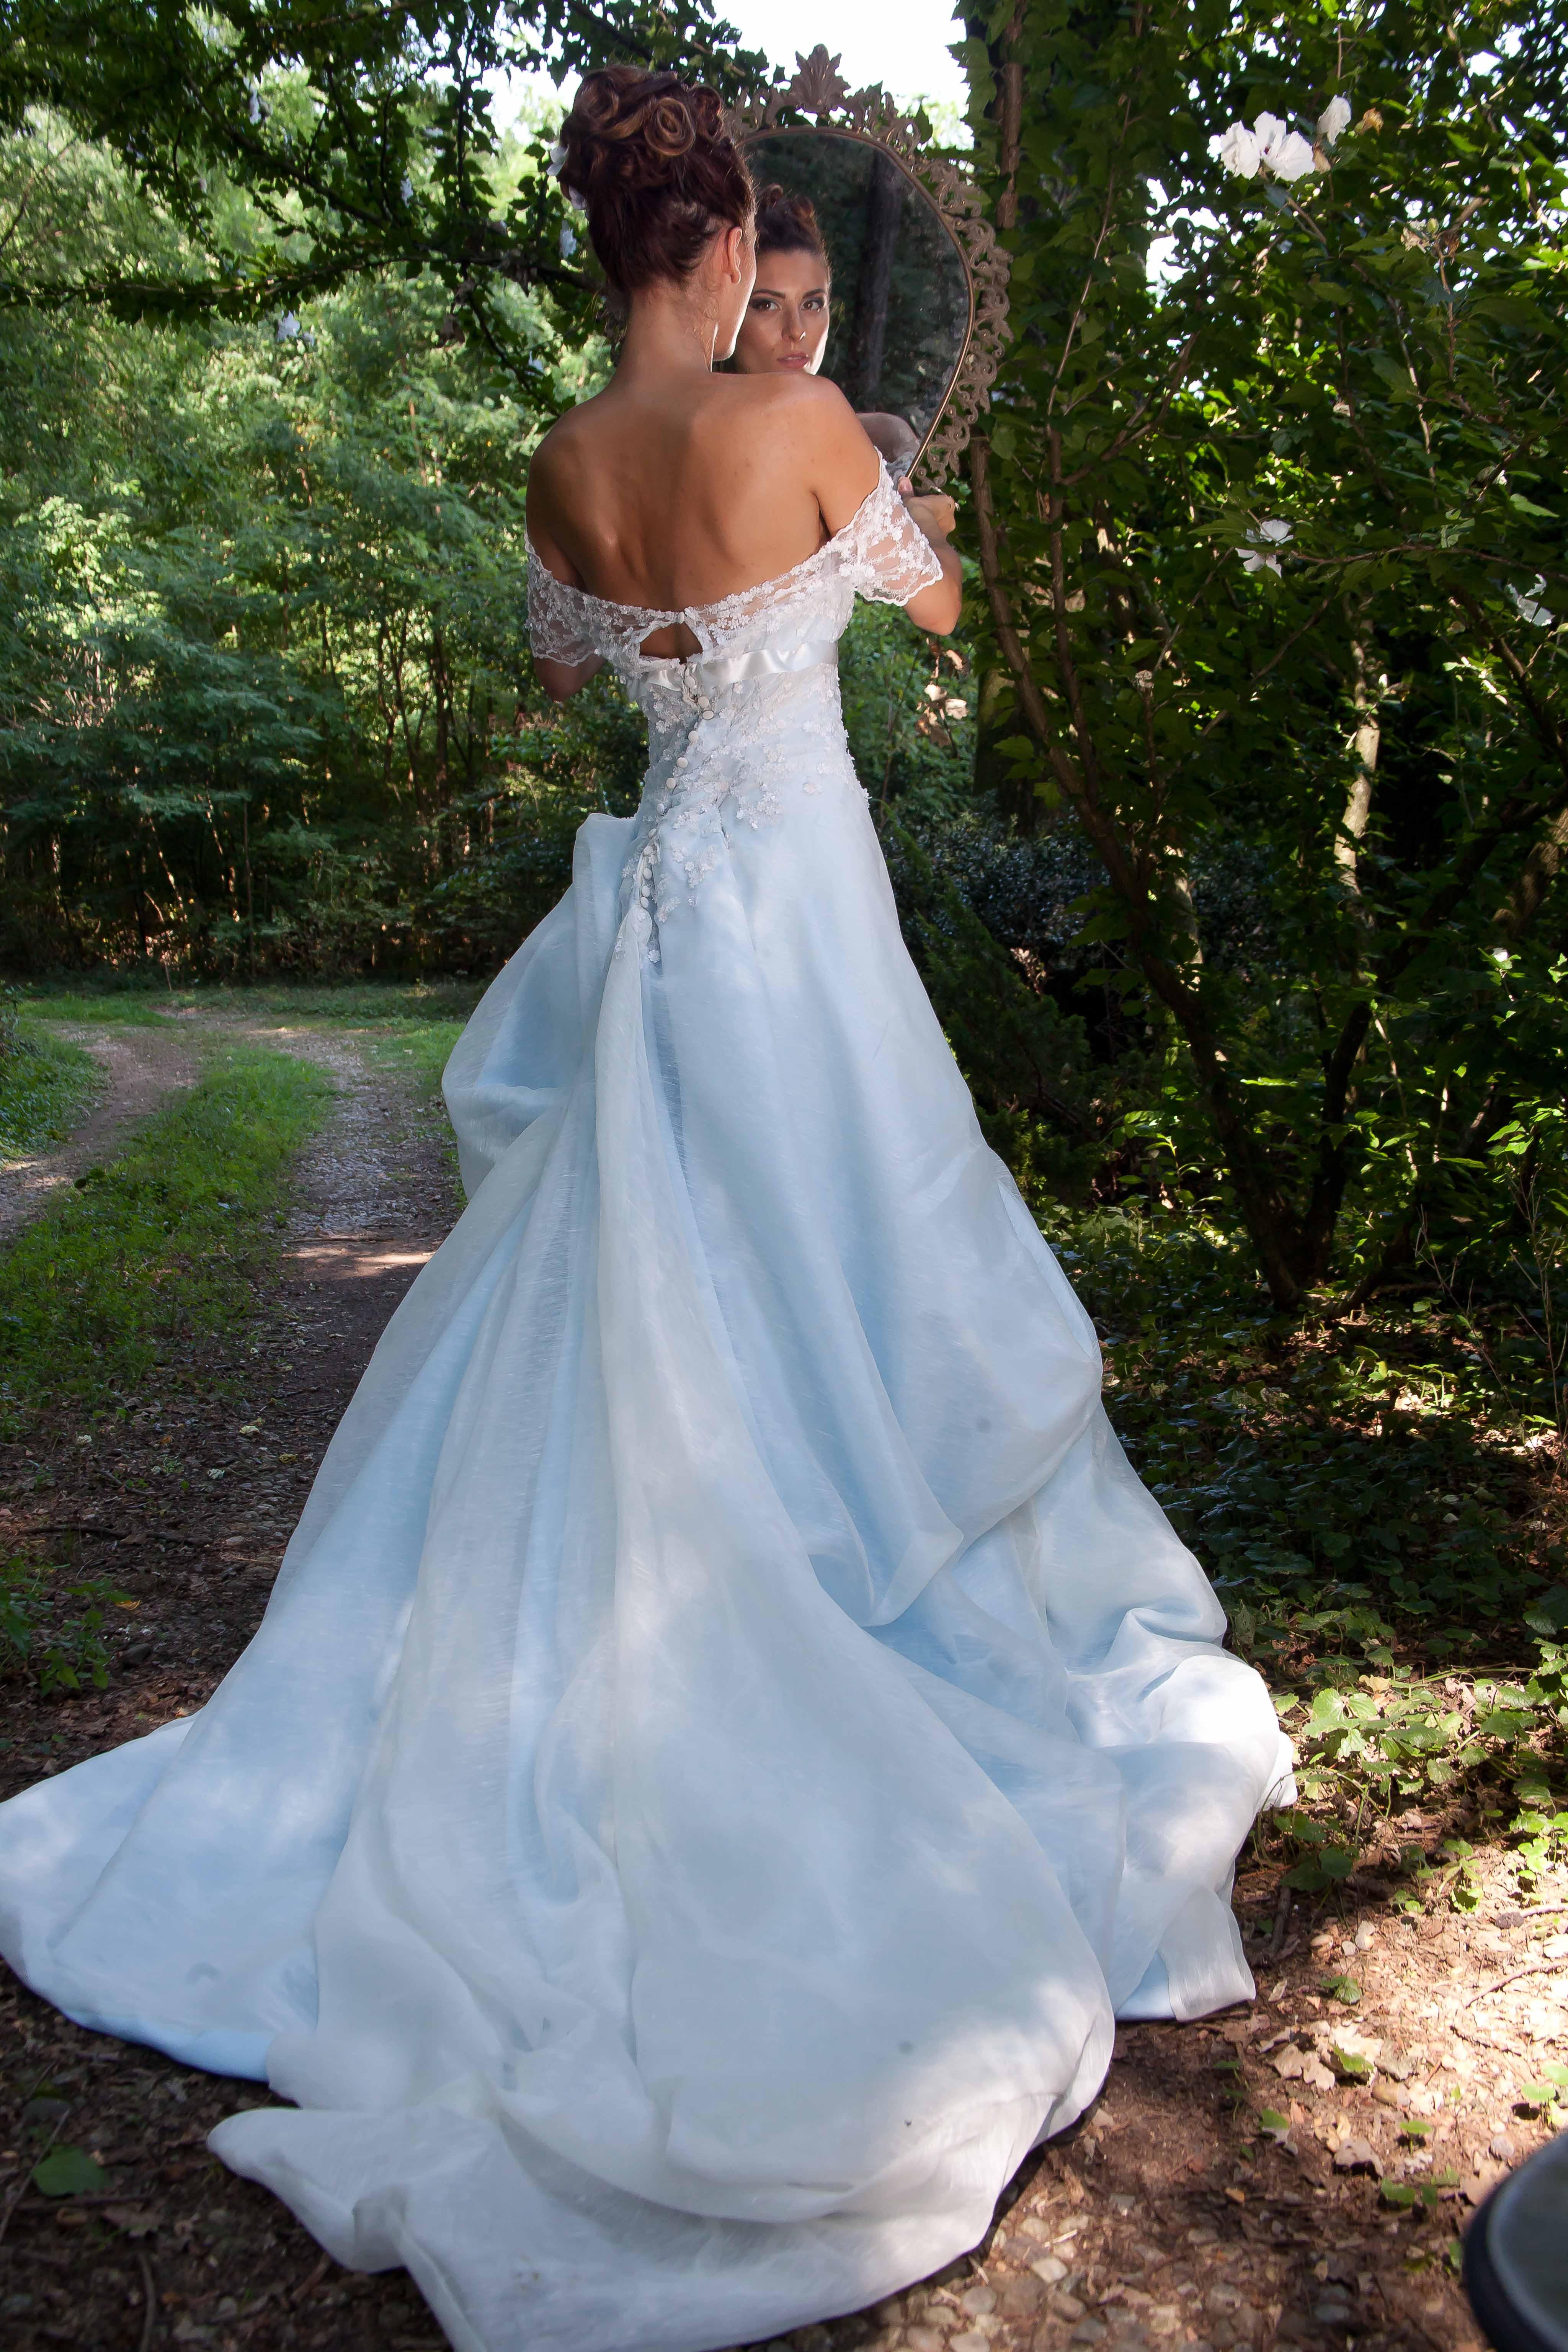 Particolare del abito da sposa nel drappeggio della gonna